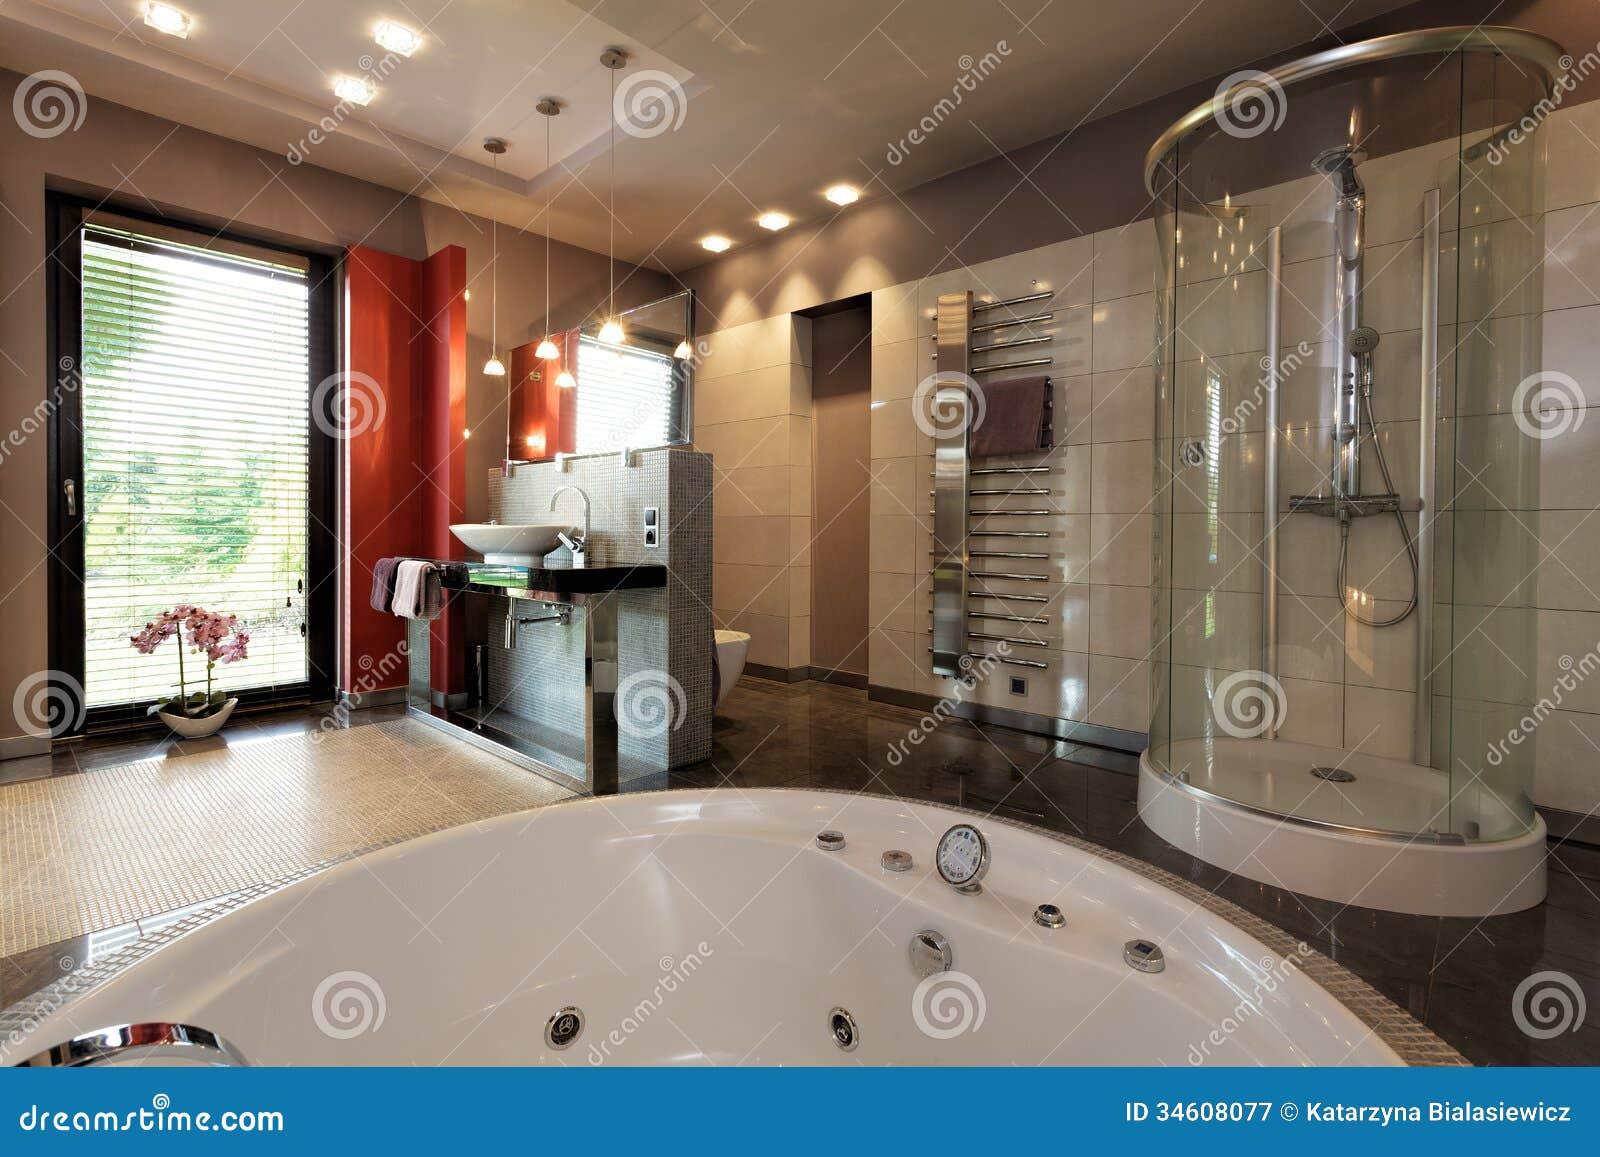 Salle De Bains De Luxe Avec Le Bain Et La Douche Image stock - Image ...